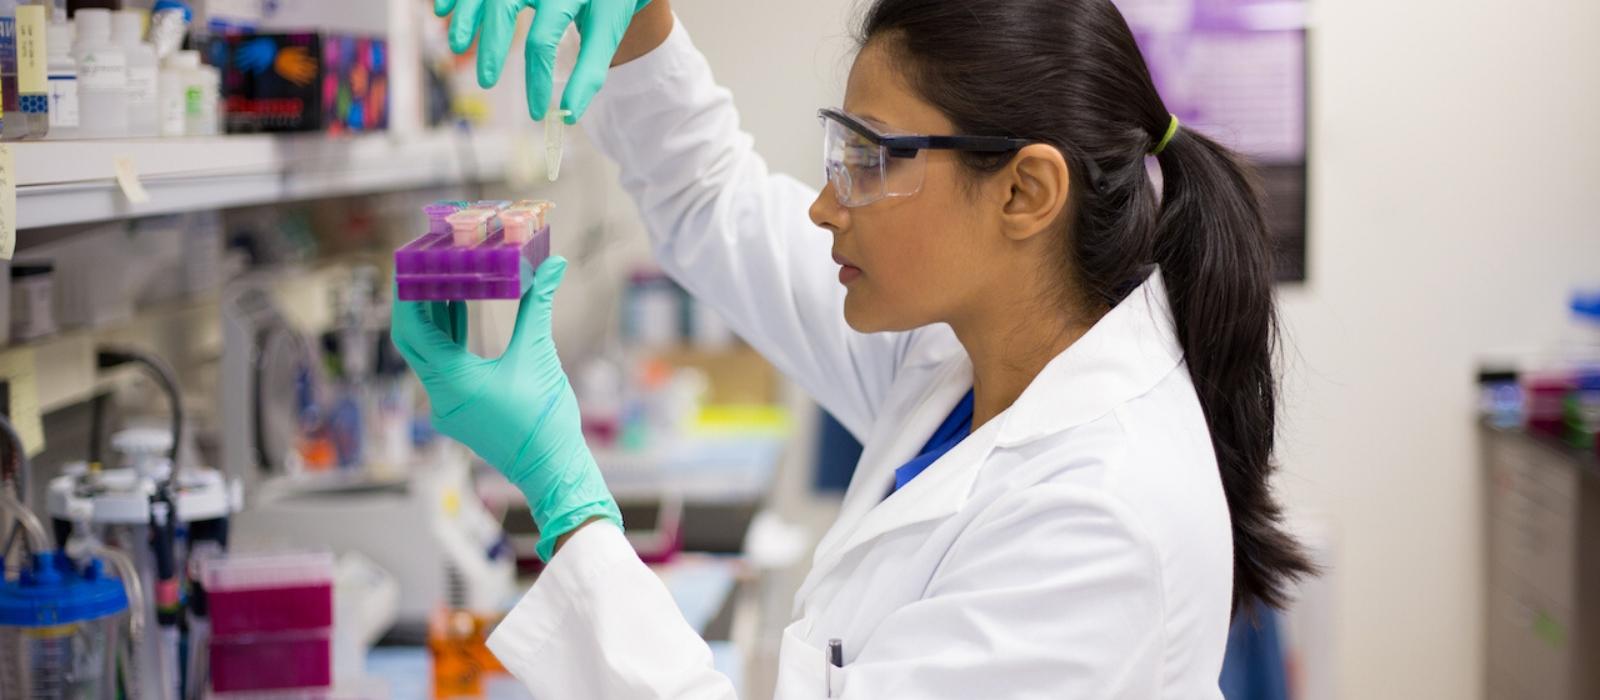 Une chercheuse portant des gants de sécurité et une blouse de laboratoire se tient dans un laboratoire et utilise un compte-gouttes pour déposer du liquide dans un petit récipient.